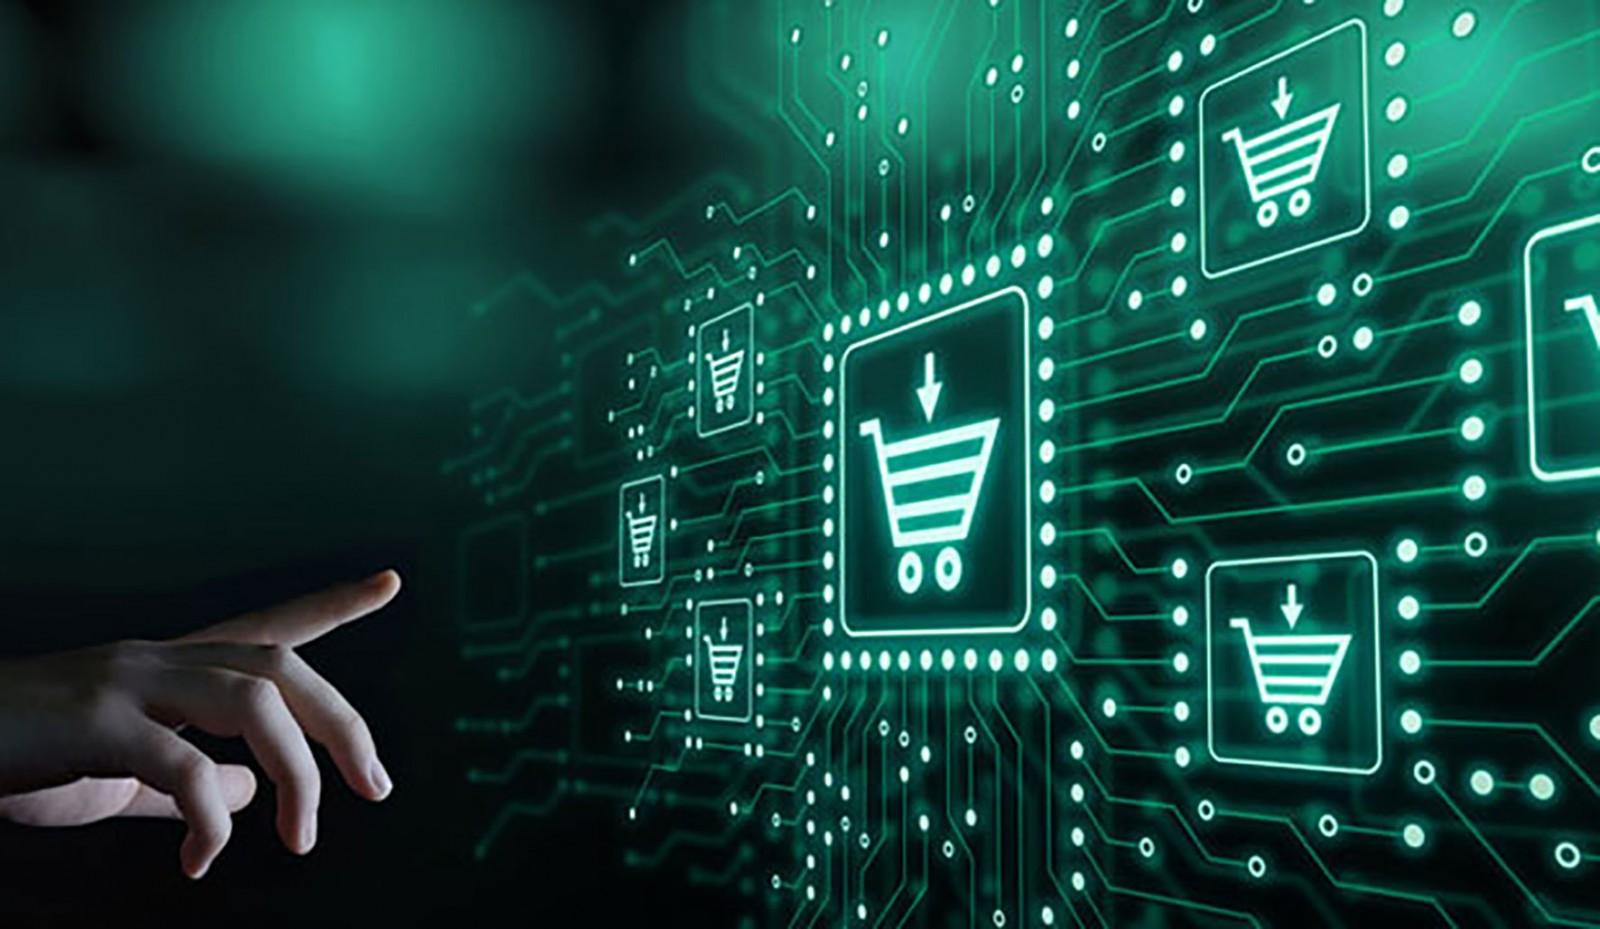 Bảo mật thông tin cá nhân và tài khoản là yếu tố ảnh hưởng lớn đến quyết định mua sắm trực tuyến của người dùng. Ảnh: Shutterstock